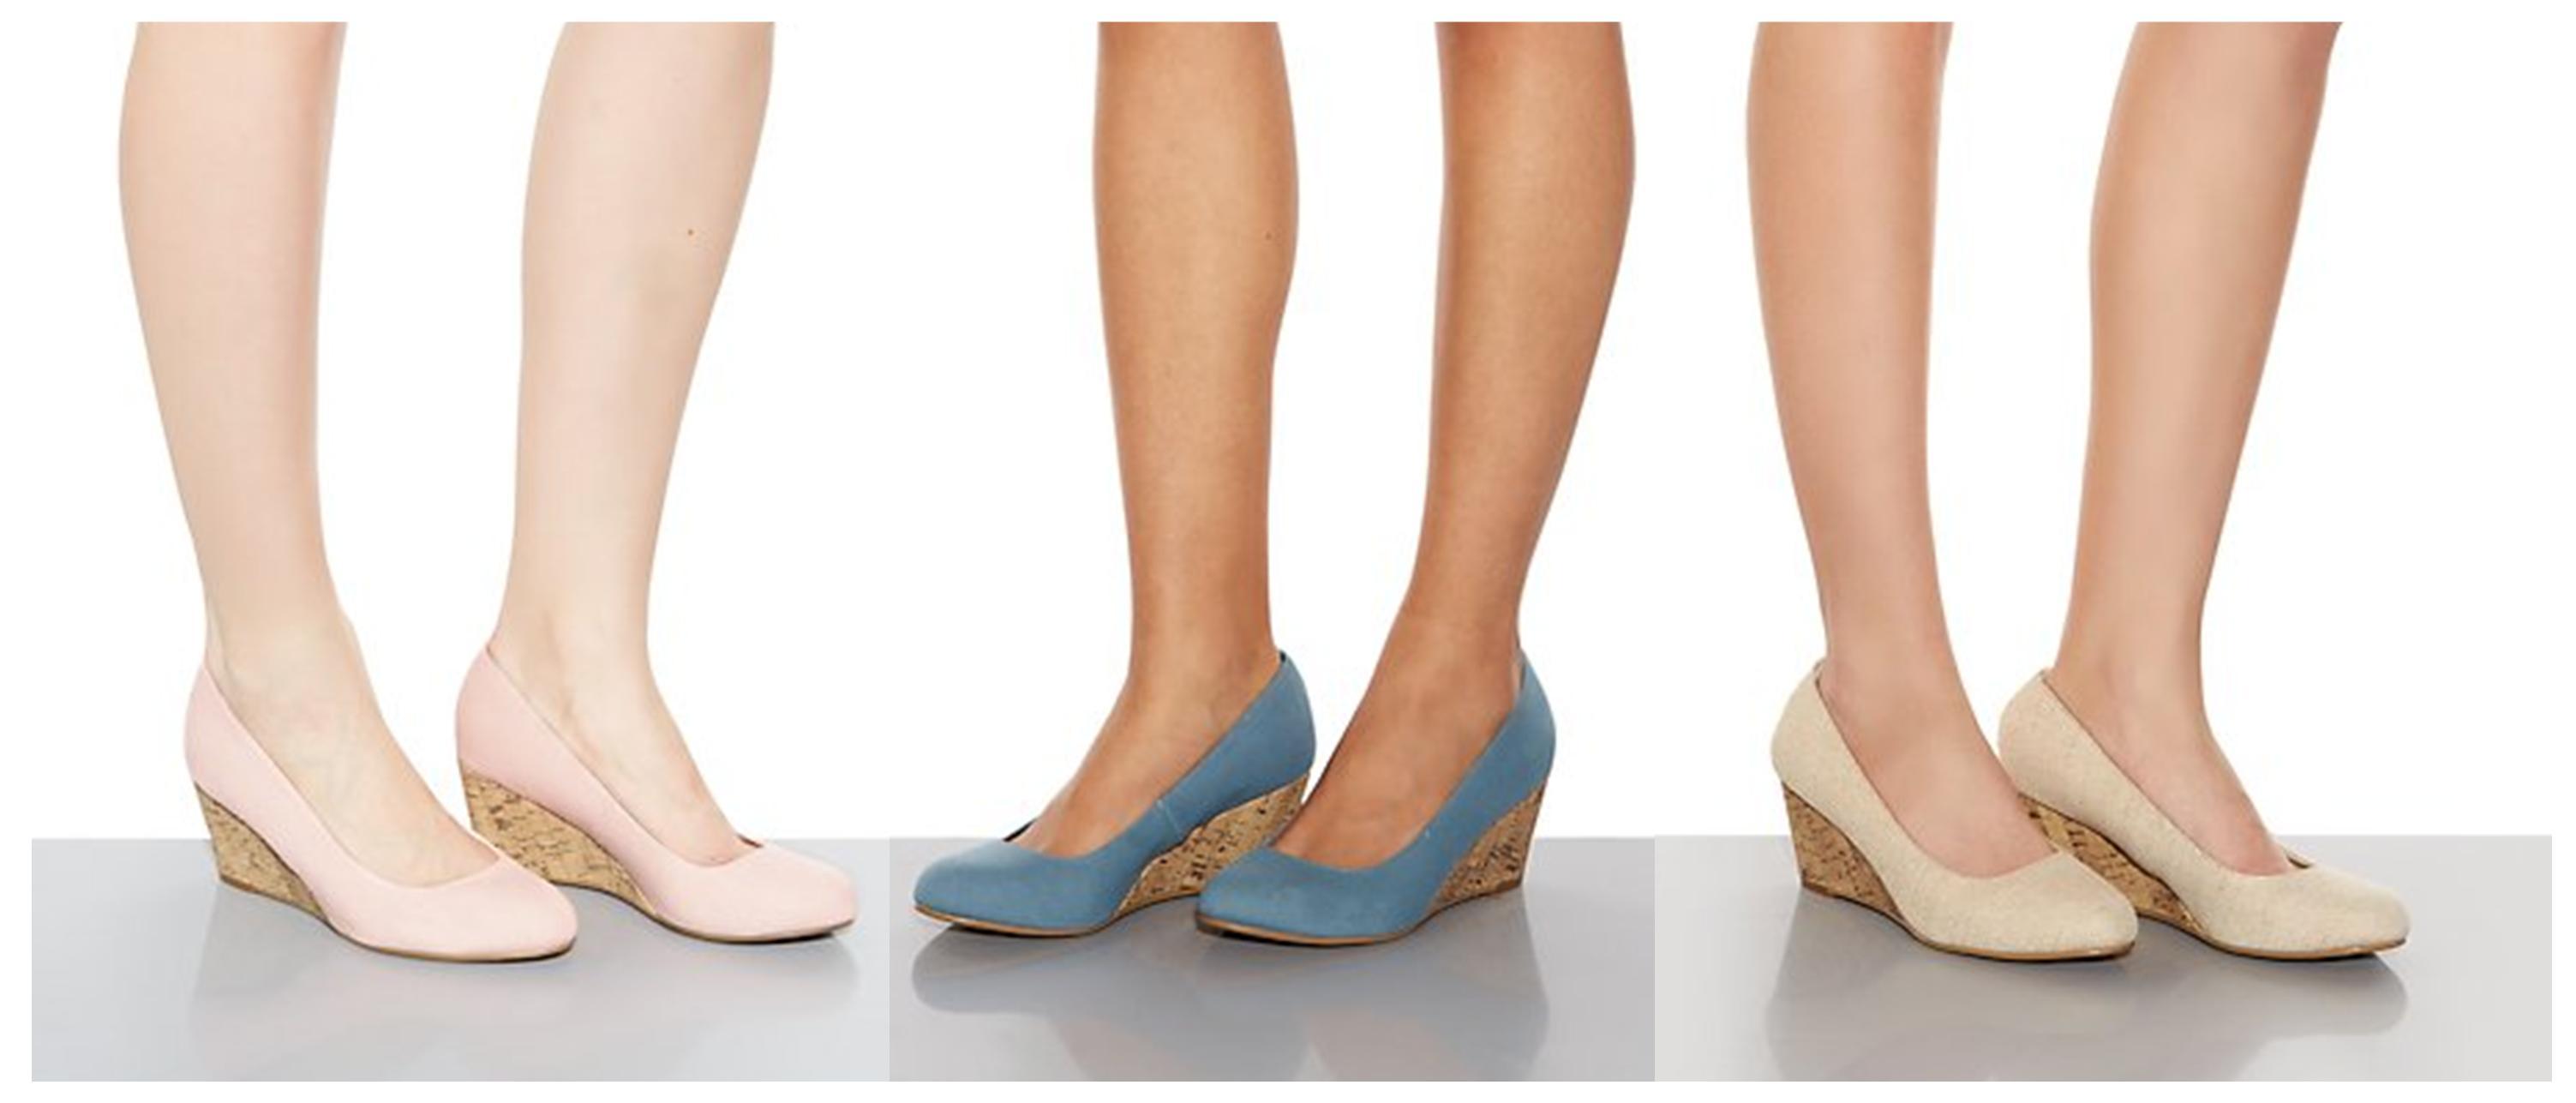 Comfy Wedge Heels